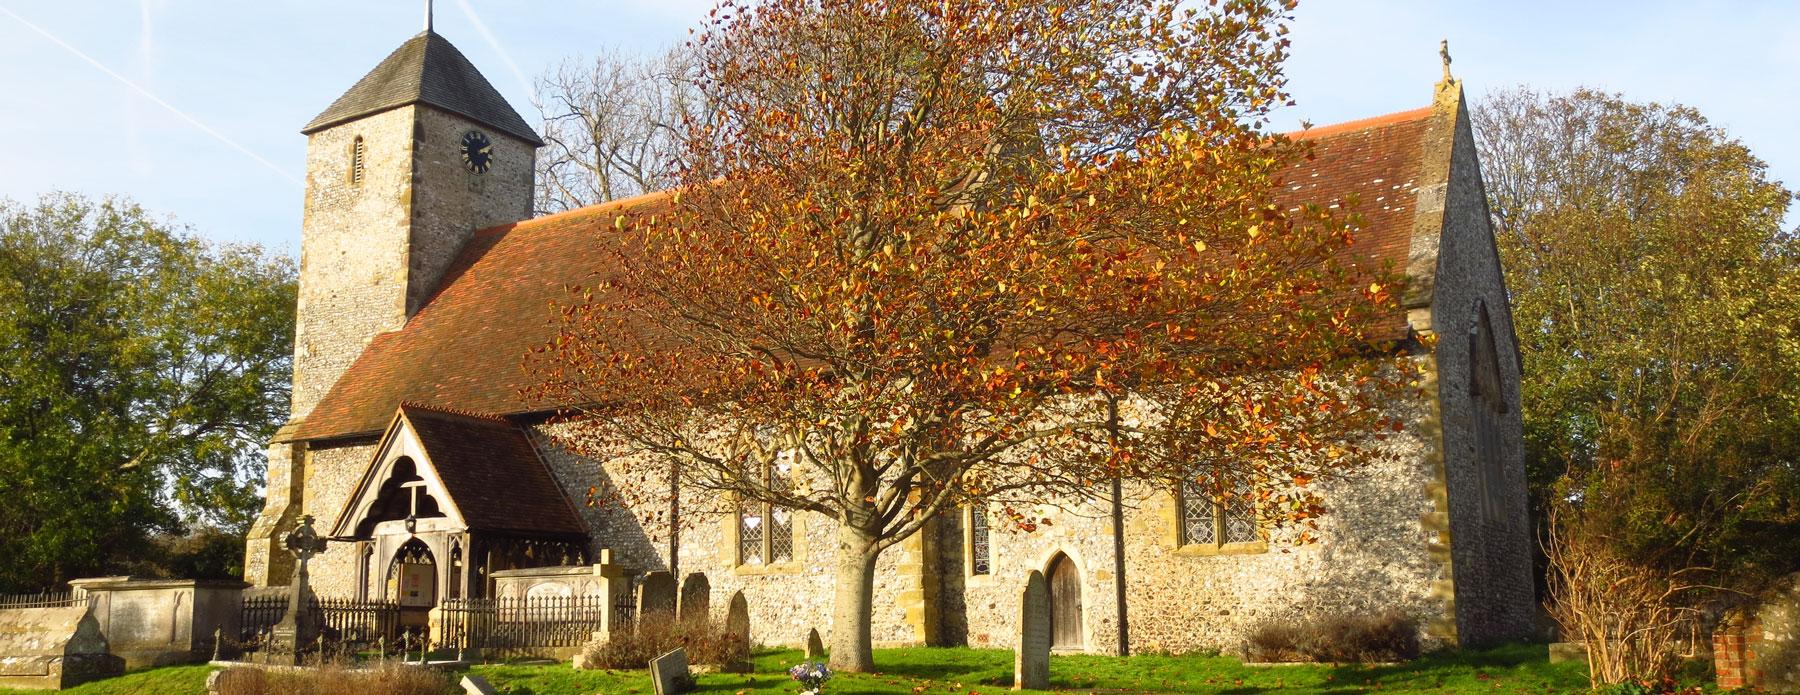 flint rebuild, st. pancras church, kingston